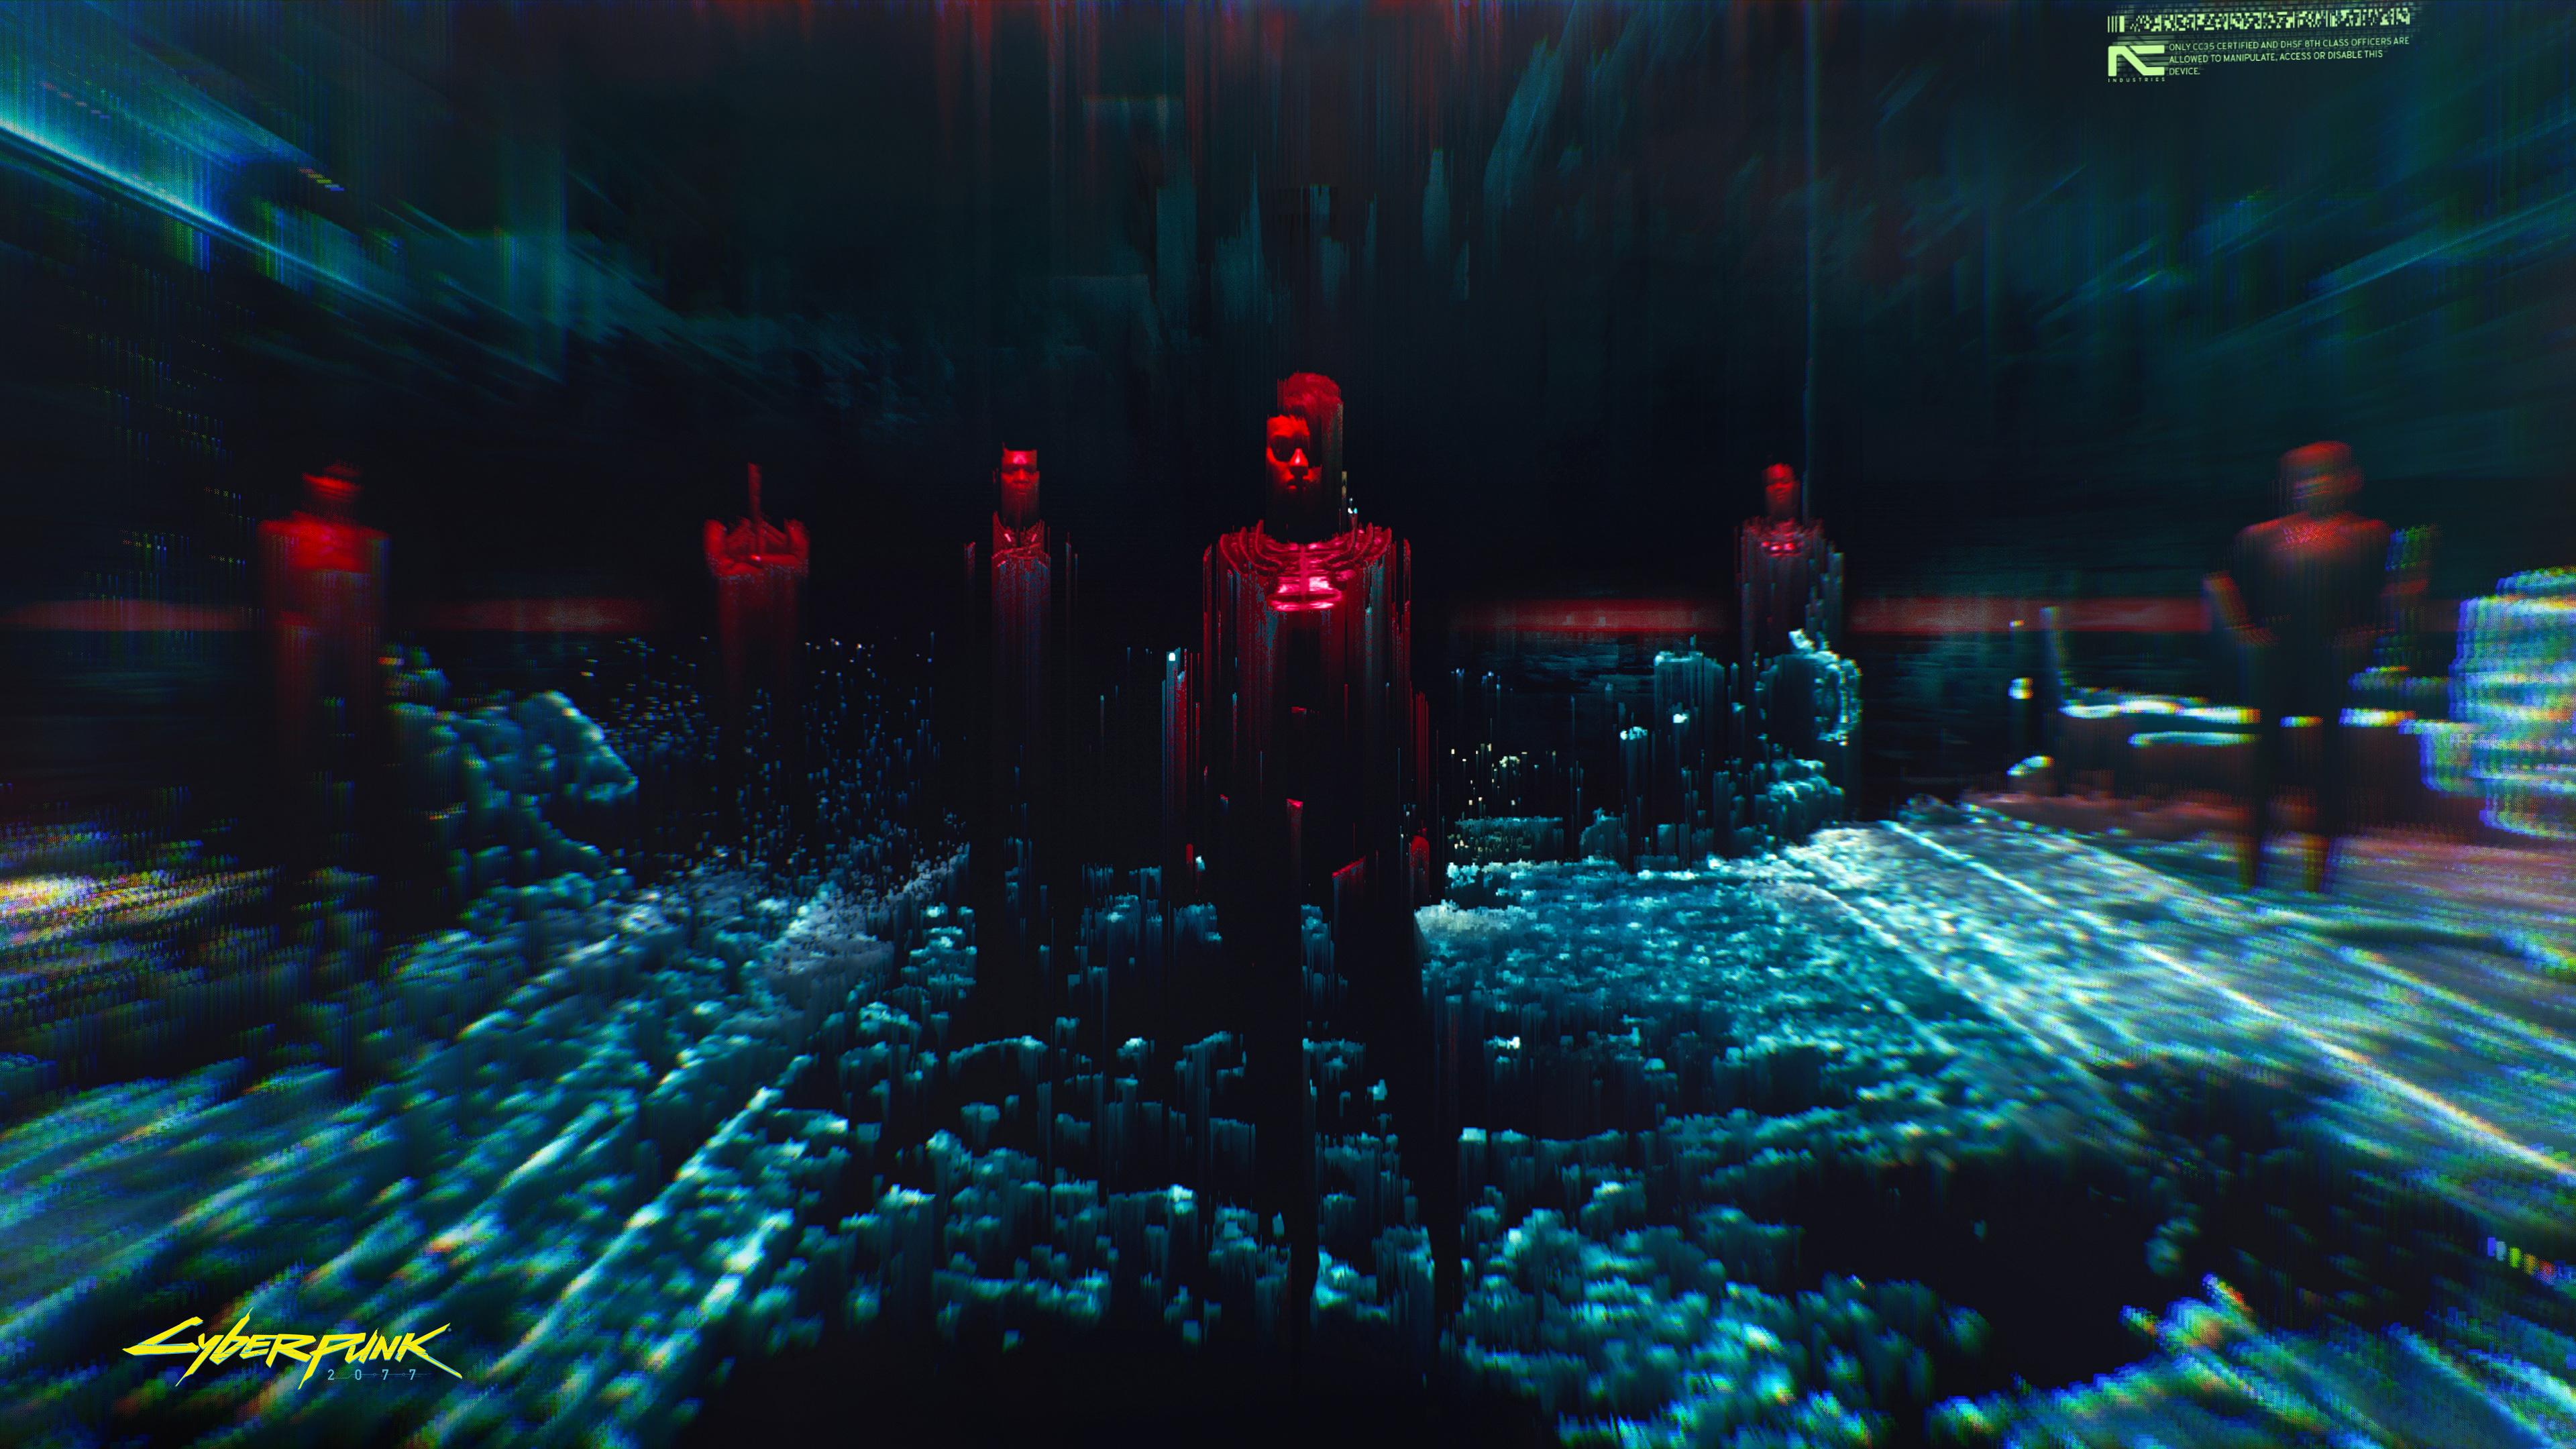 Cyberpunk 2077 4k Wallpaper Hd Games 4k Wallpapers Images